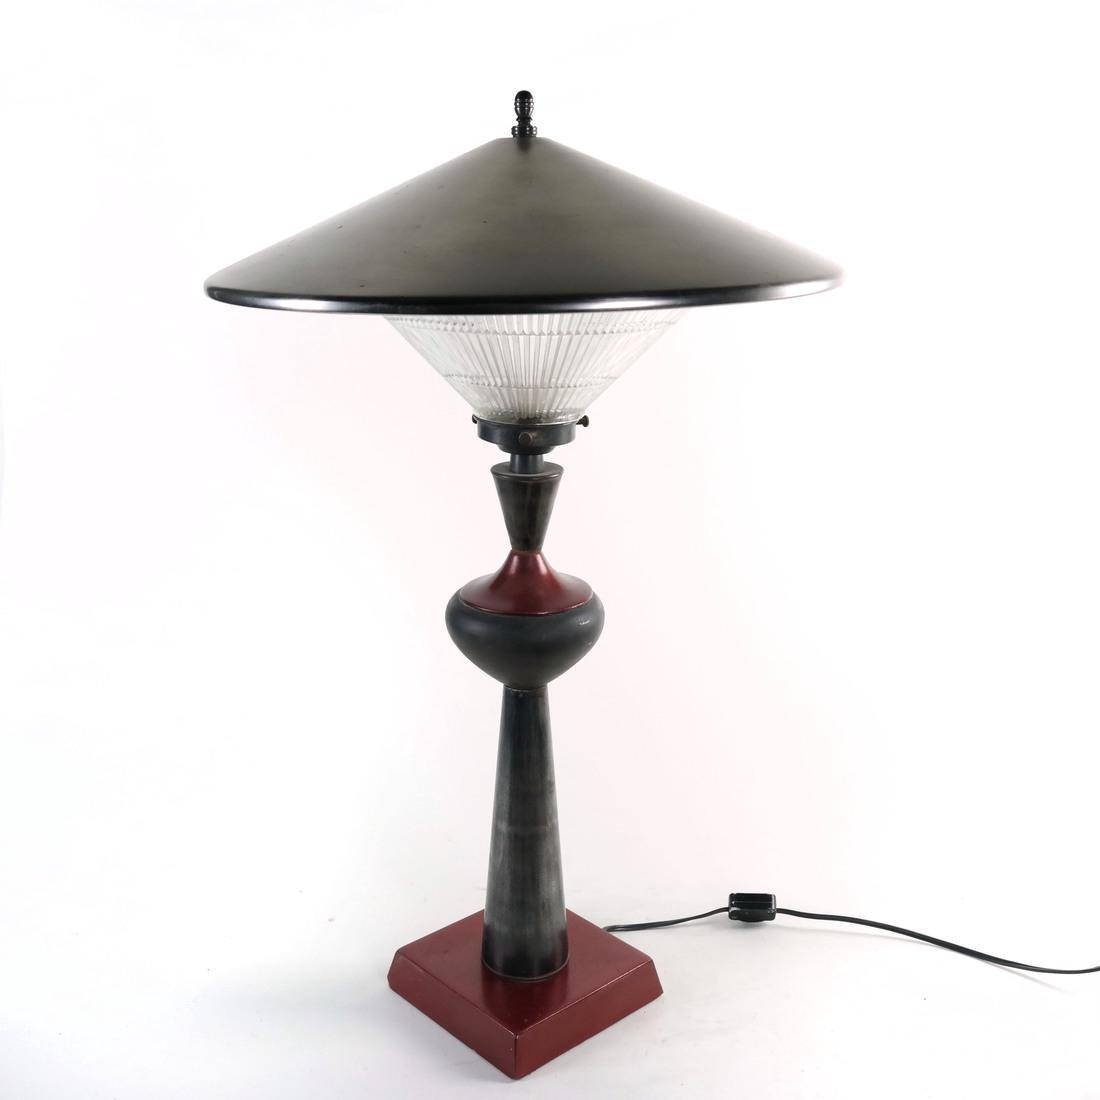 Bauhaus Design Lamp